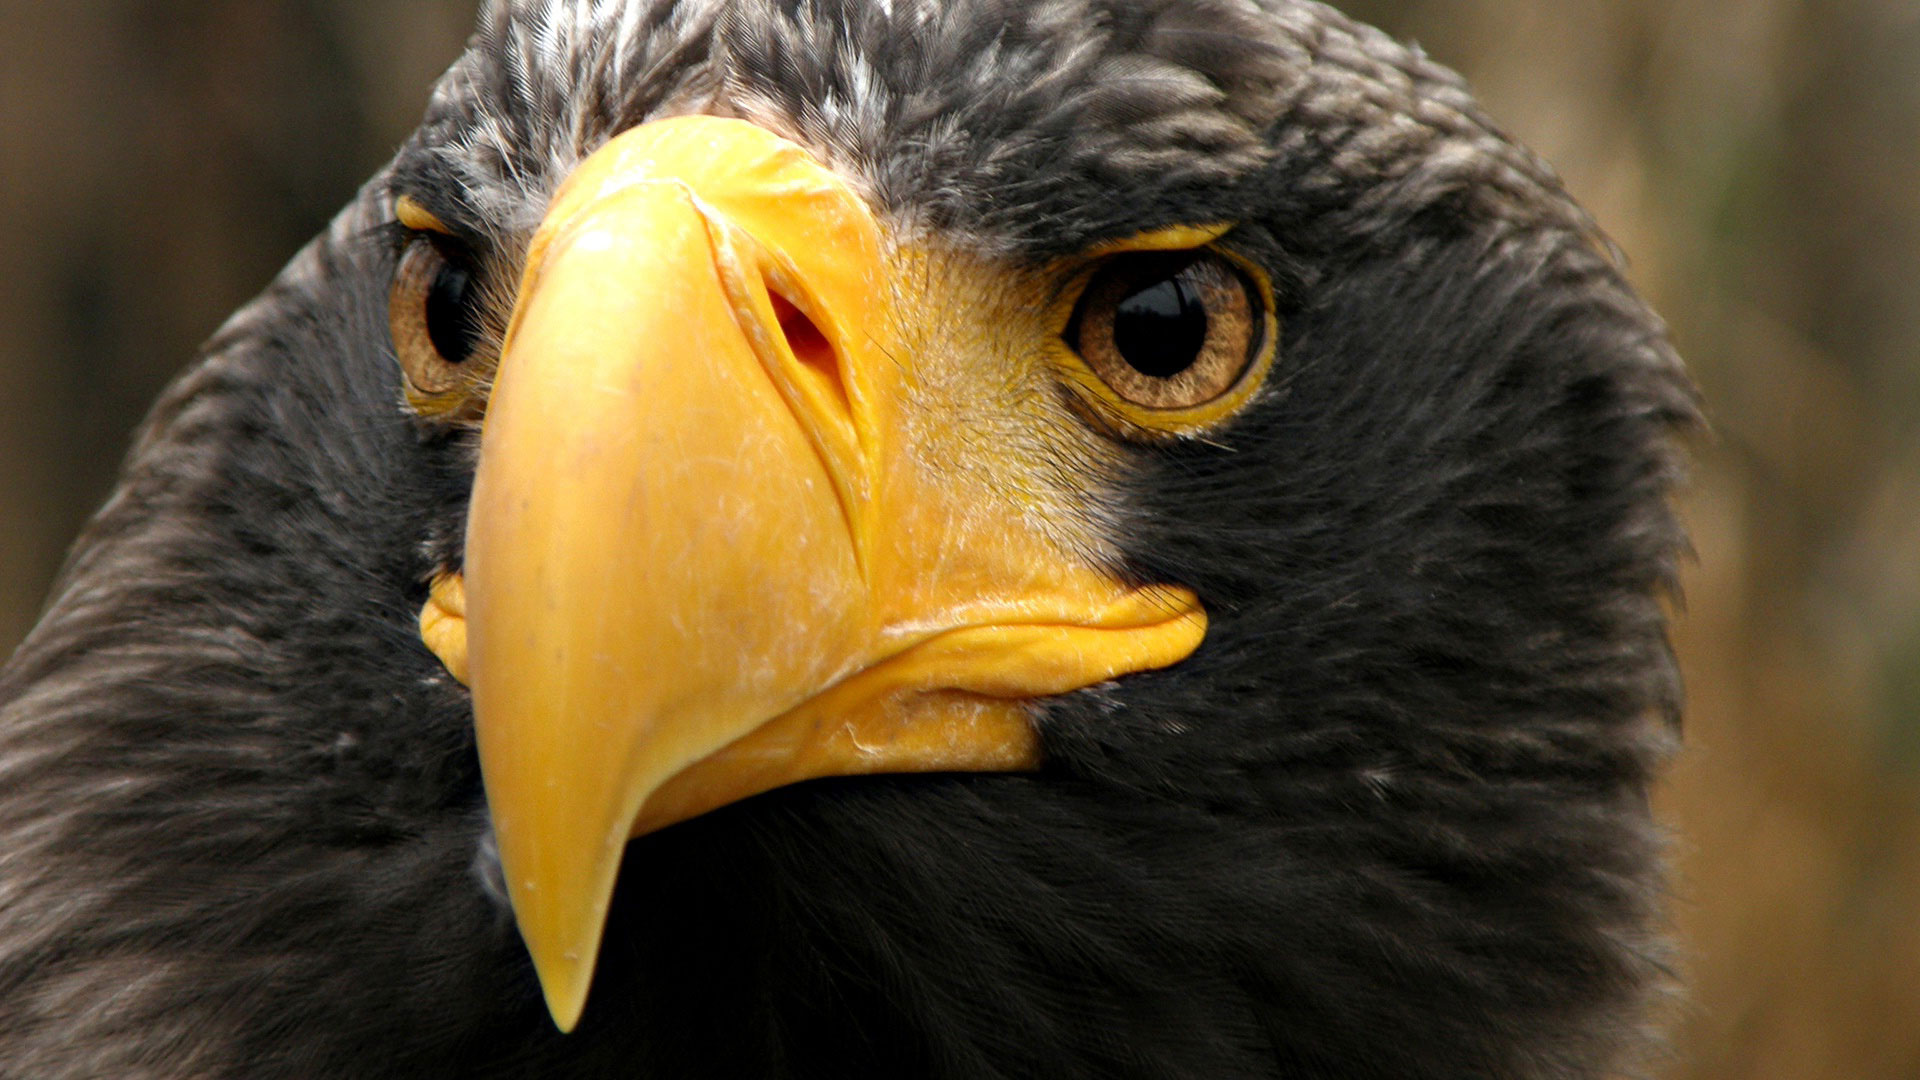 черный орел, обои на рабочий стол, black eagle, wallpaper